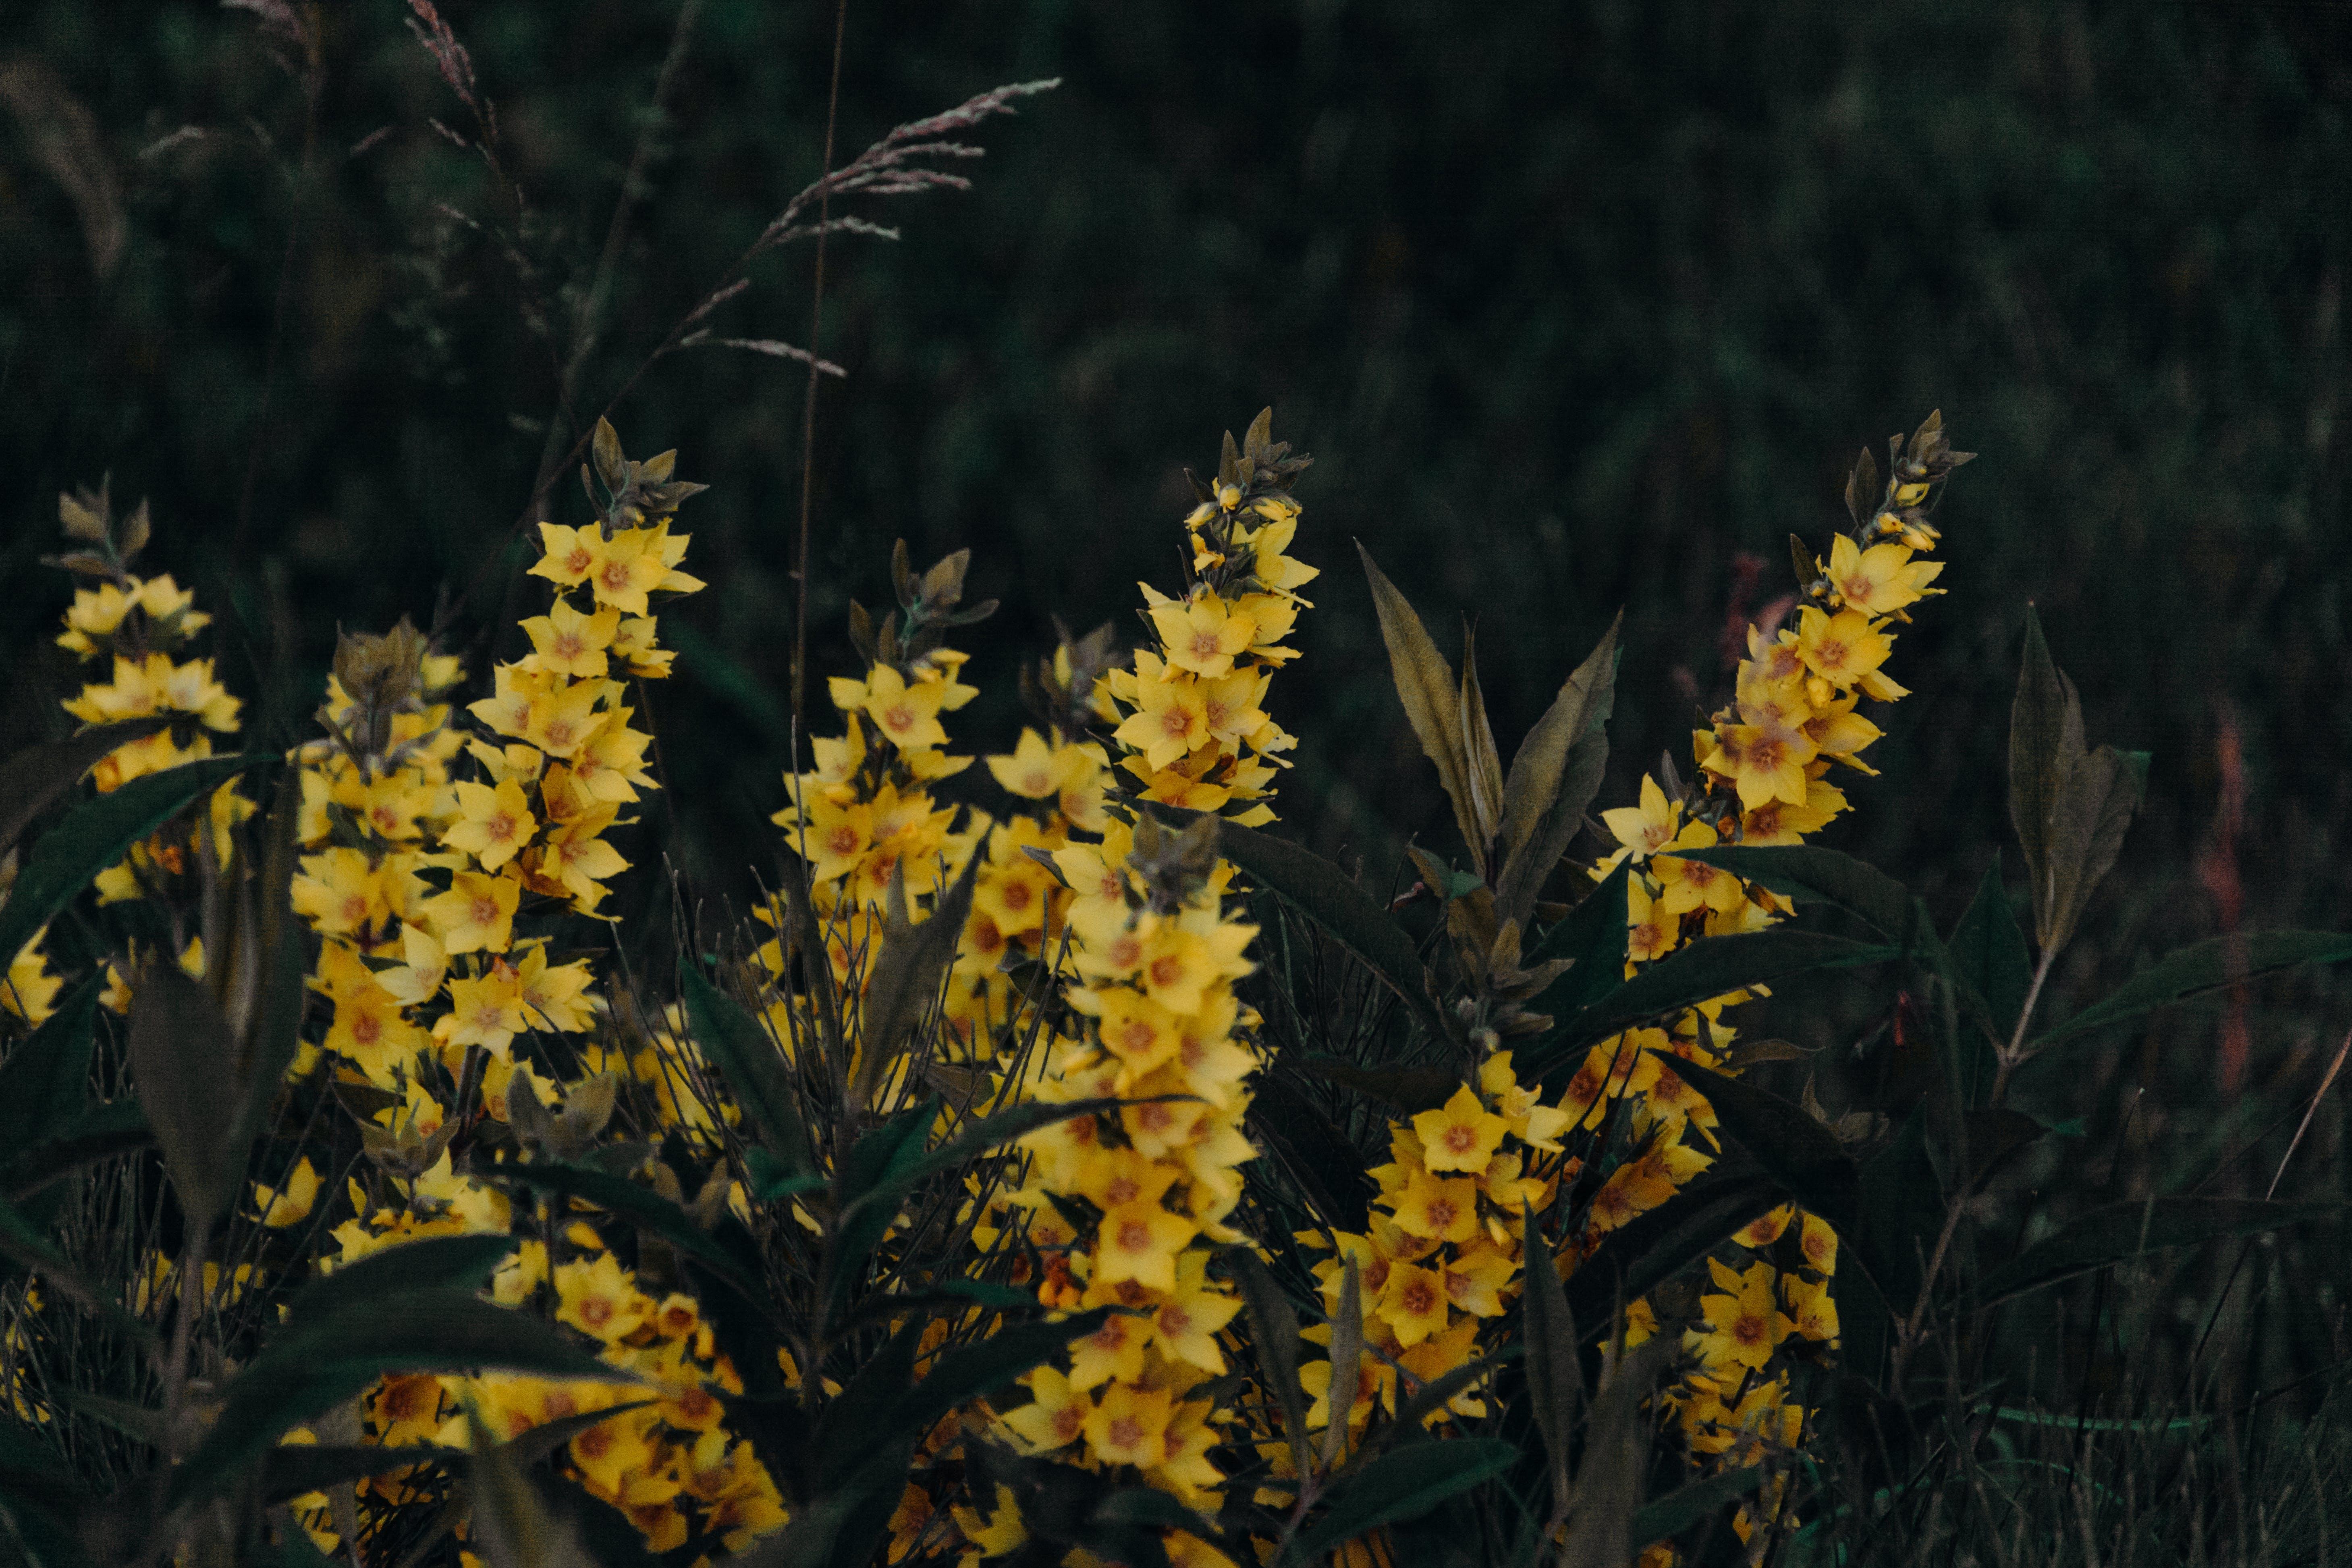 가지, 경치, 꽃, 꽃 피는 나무의 무료 스톡 사진